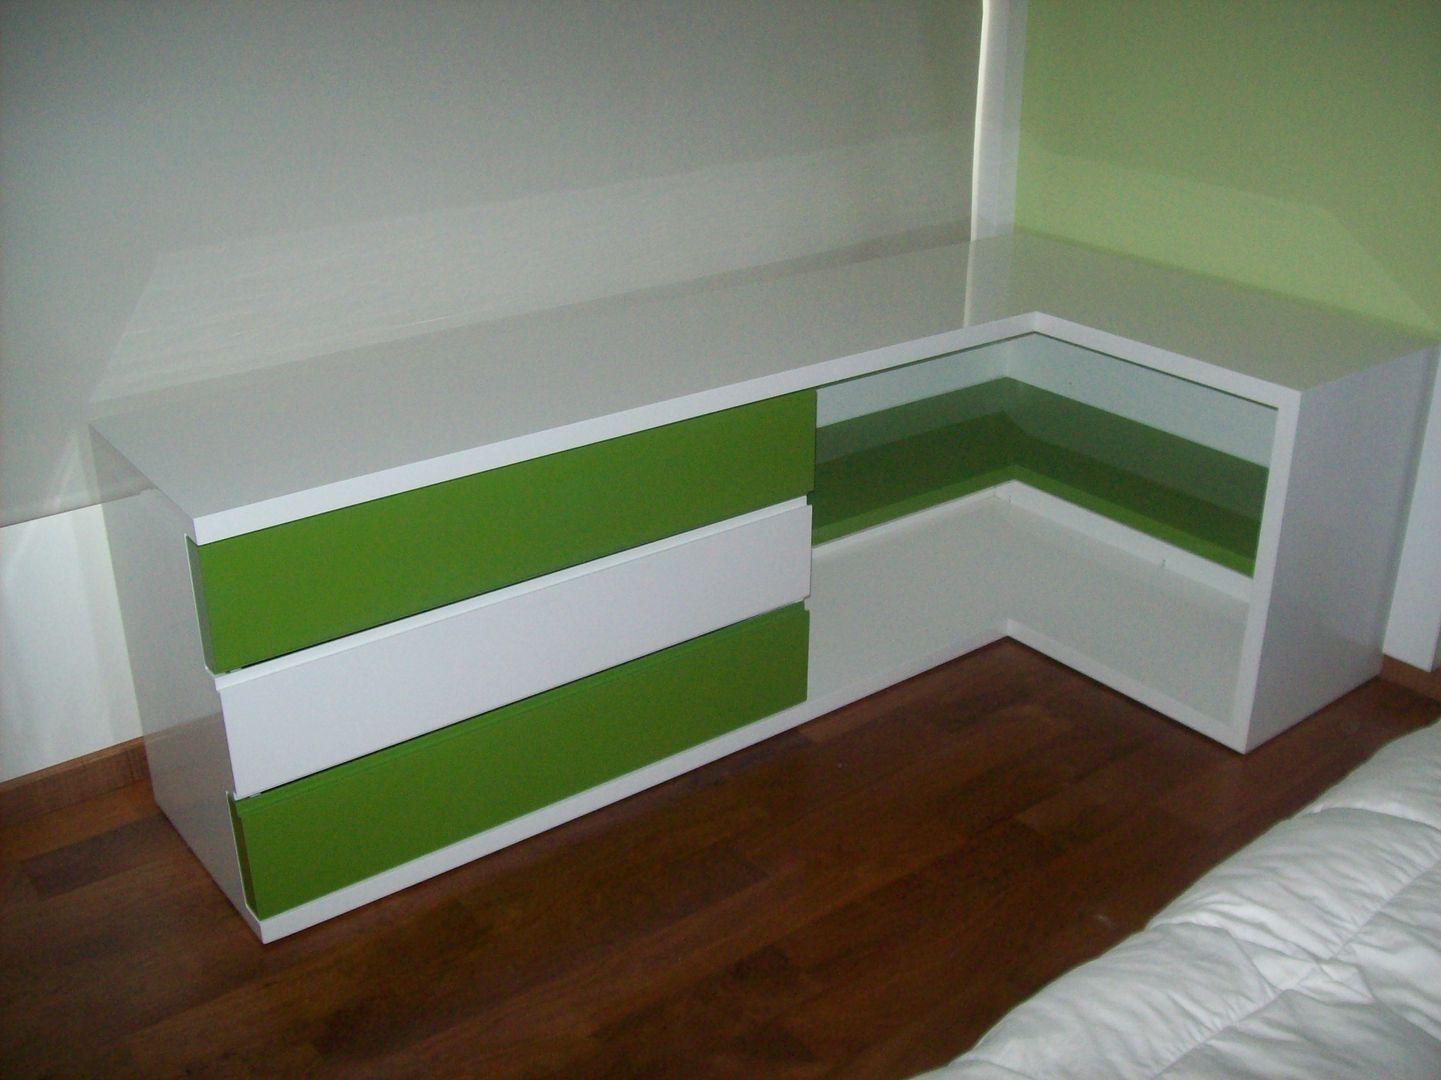 Dormitorios infantiles minimalistas ideas homify